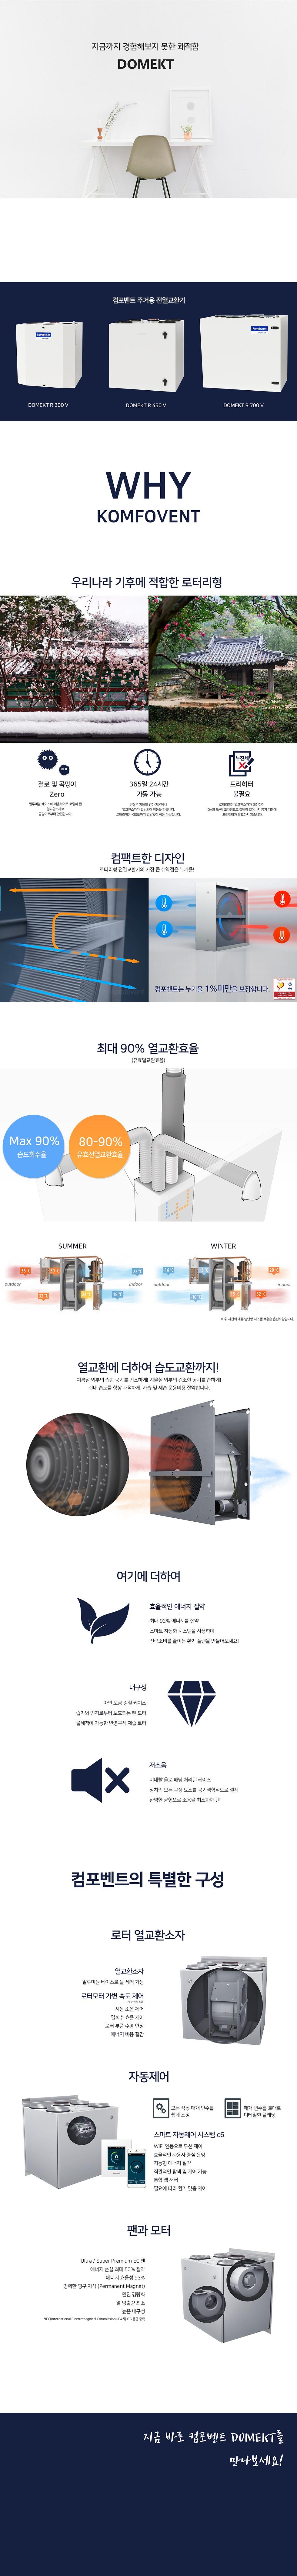 메인상품설명서-domekt_수정.jpg